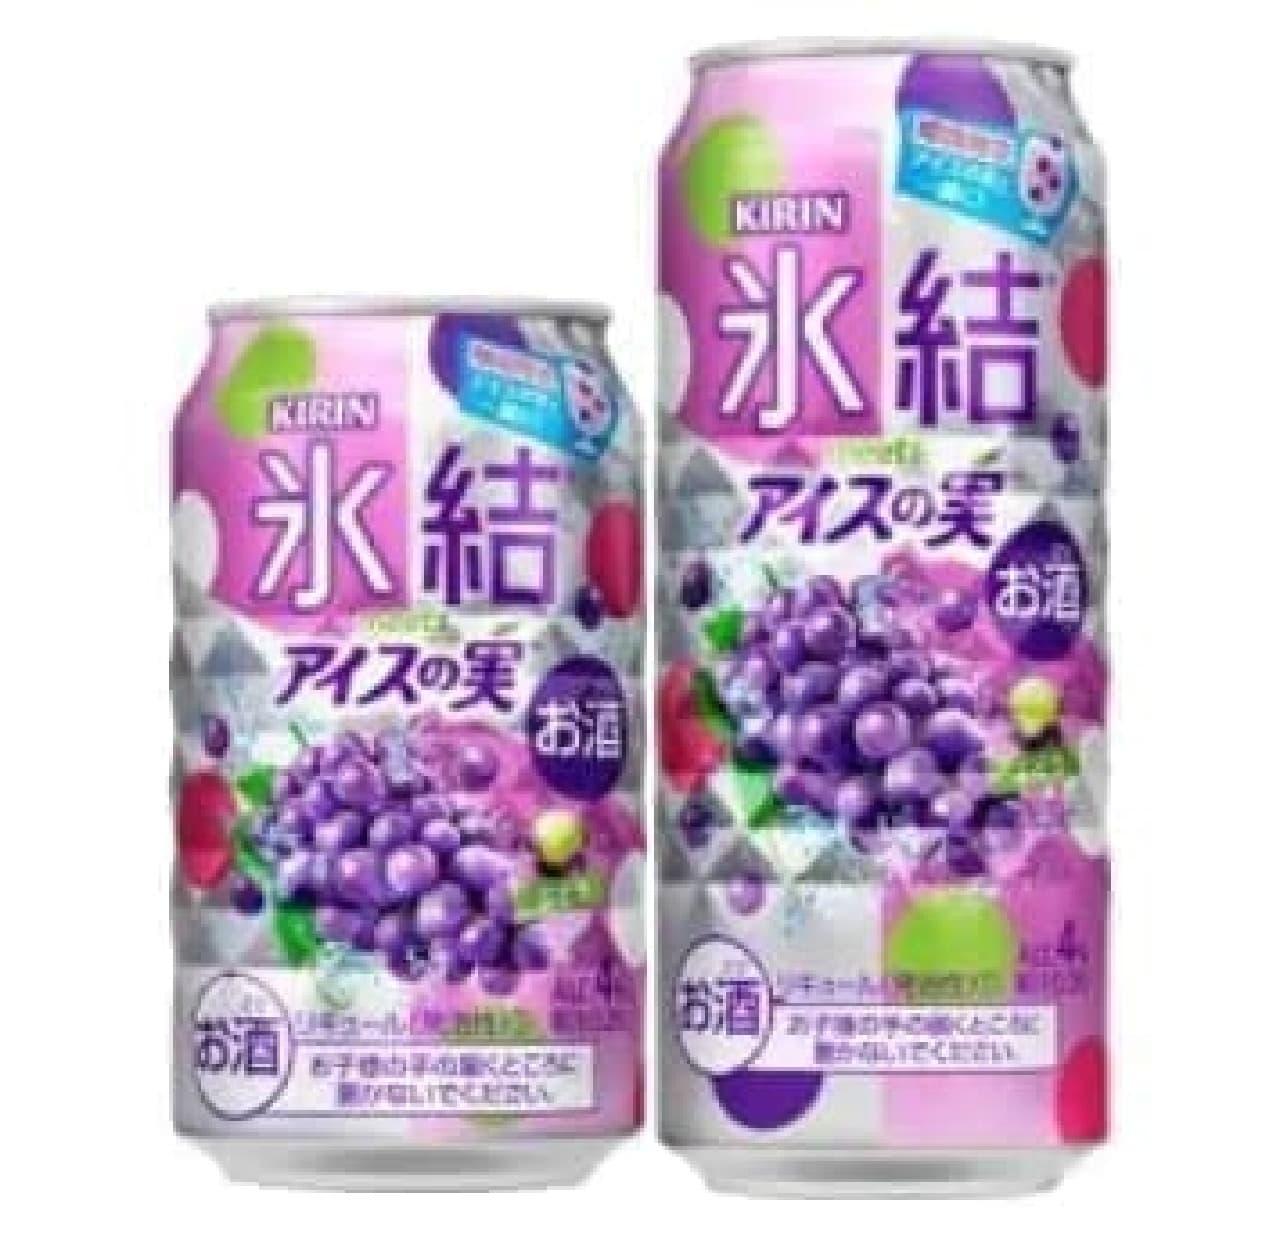 キリン 氷結 meets アイスの実(期間限定)